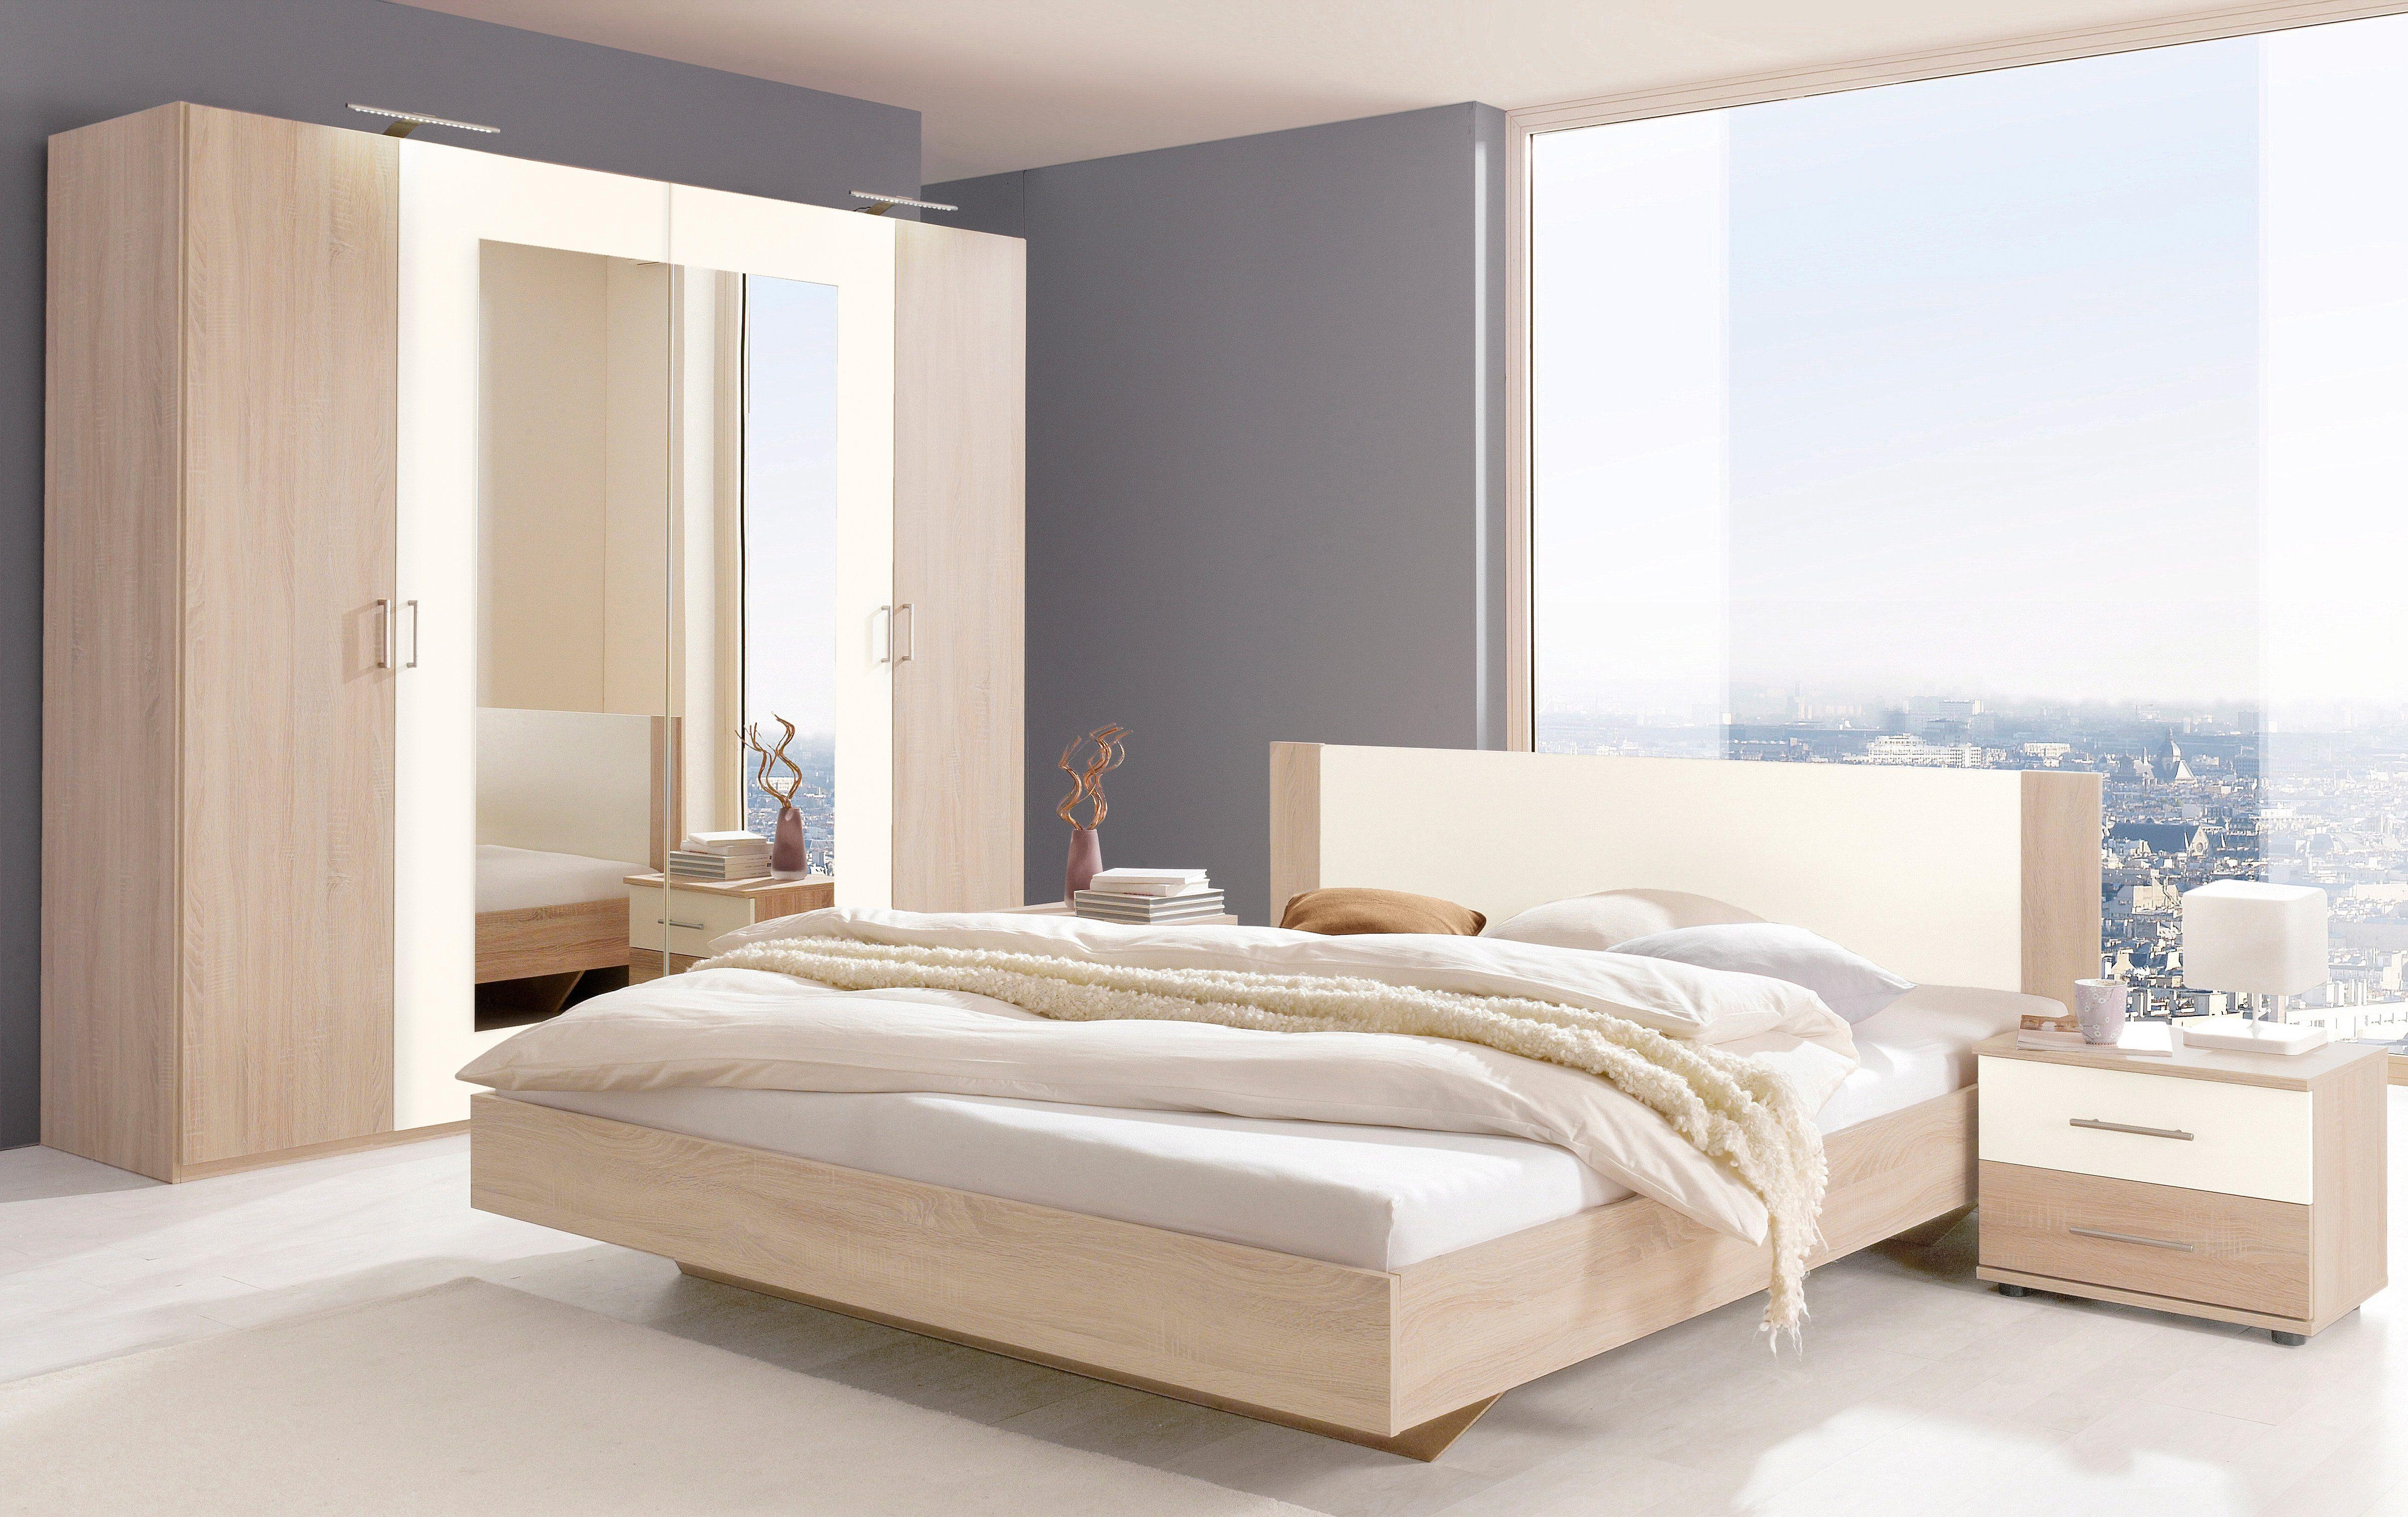 schlafzimmer schrank set disselkamp schlafzimmer kiefer ideen tapeten 11qm einrichten f r bei. Black Bedroom Furniture Sets. Home Design Ideas